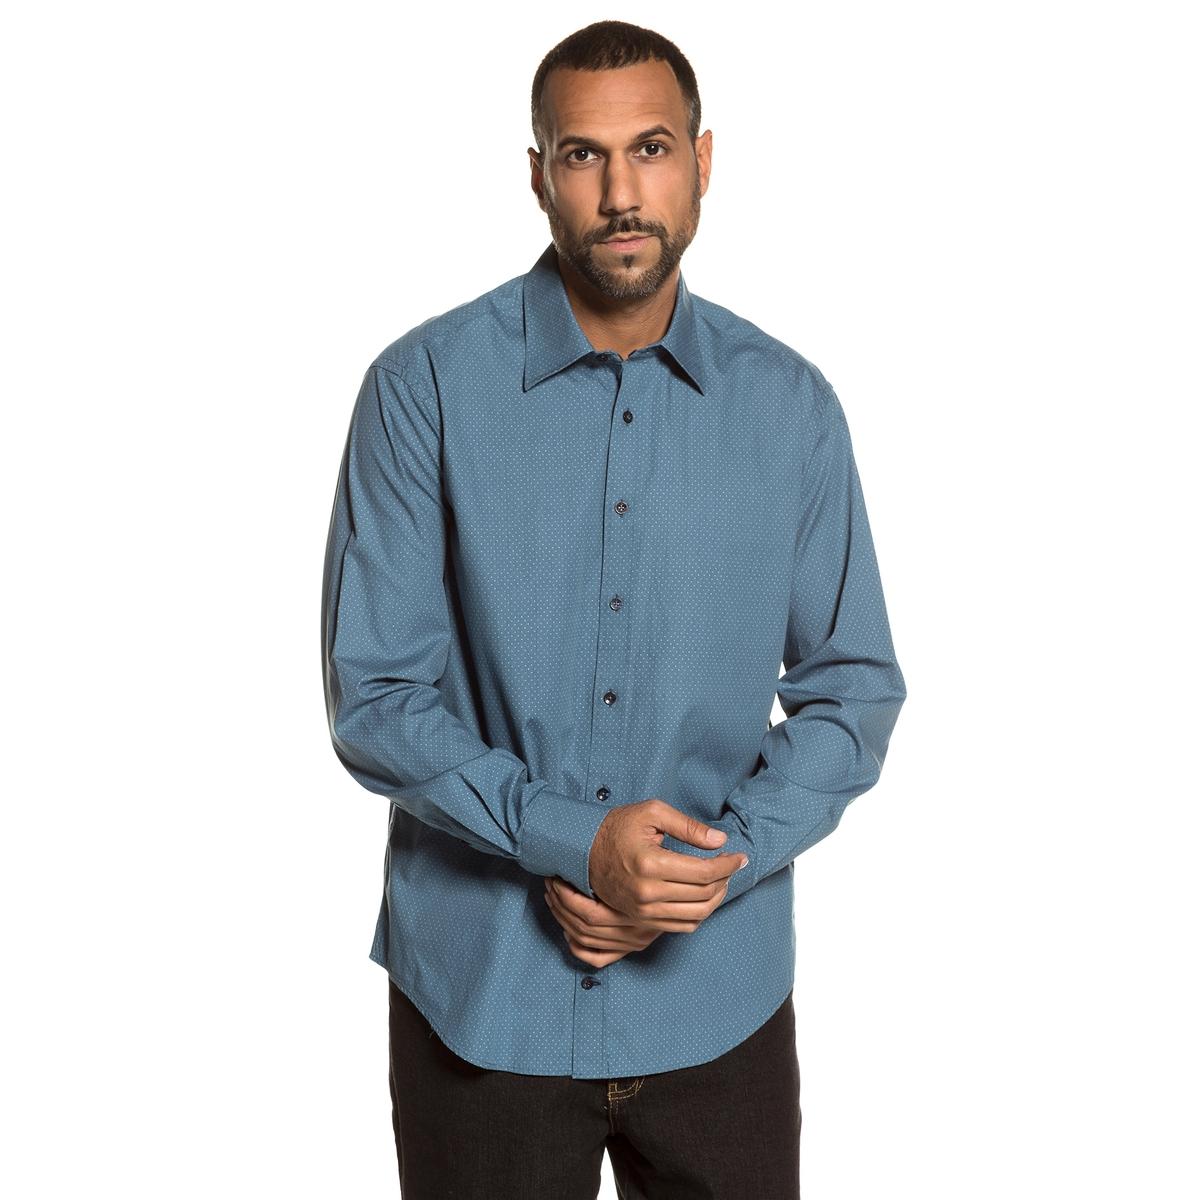 Рубашка с рисунком и длинными рукавамиОписание:Детали •  Длинные рукава •  Прямой покрой  •  Классический воротник •  Рисунок-принтСостав и уход •  100% хлопок •  Следуйте советам по уходу, указанным на этикеткеТовар из коллекции больших размеров<br><br>Цвет: синий потертый